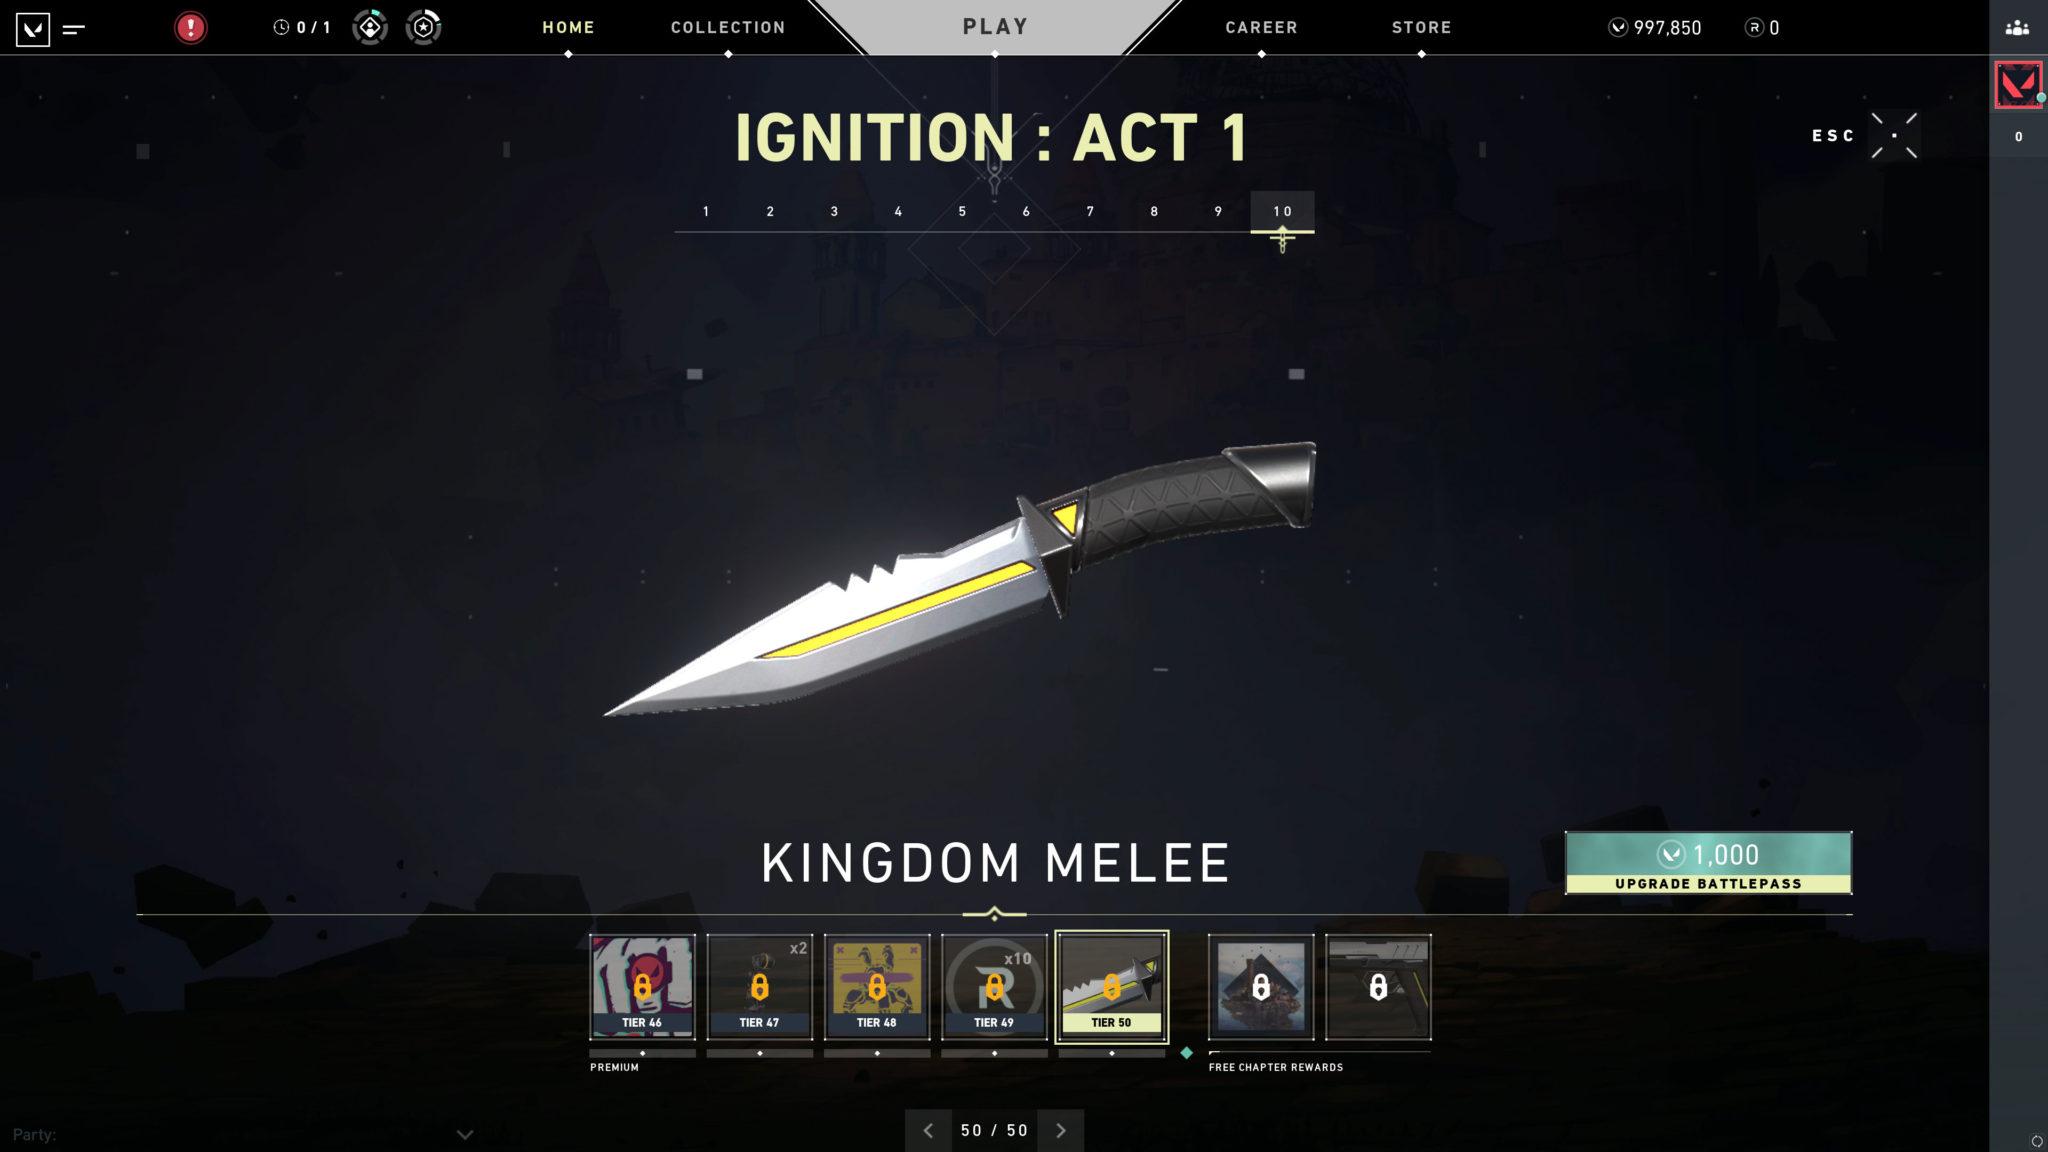 Kingdom Melee knife in Valorant.